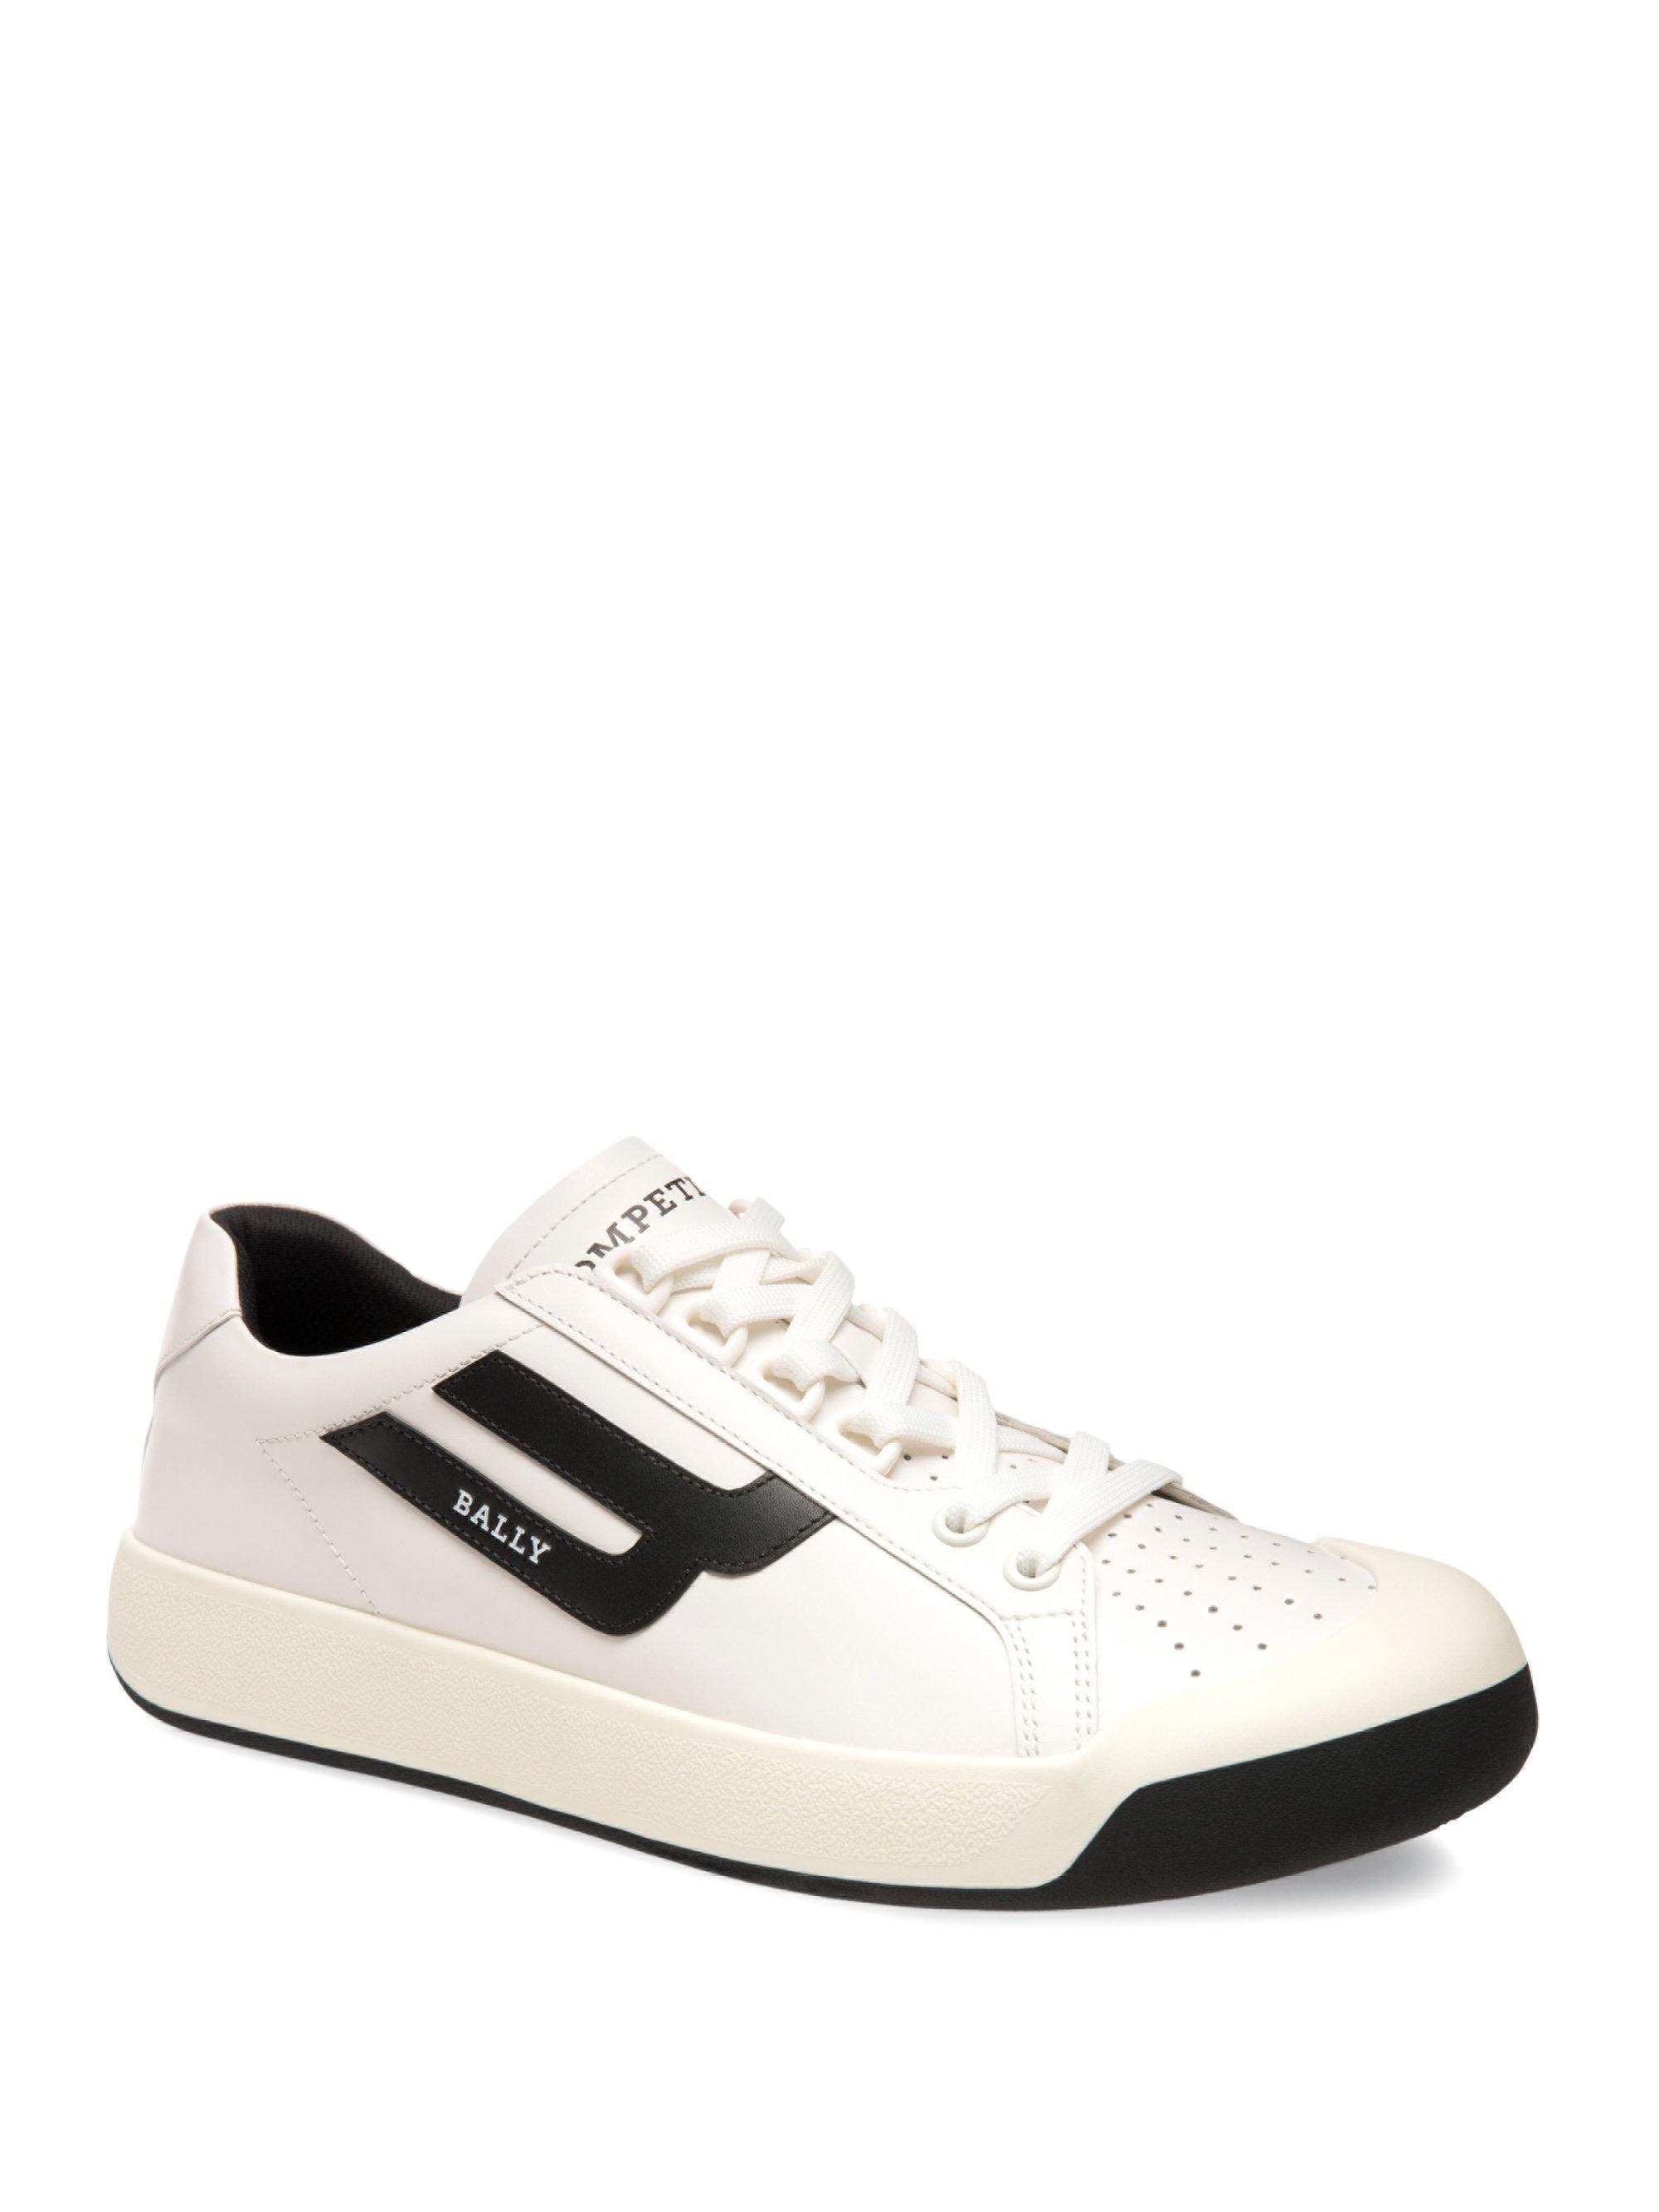 FOOTWEAR - Low-tops & sneakers Bally Wa4bx